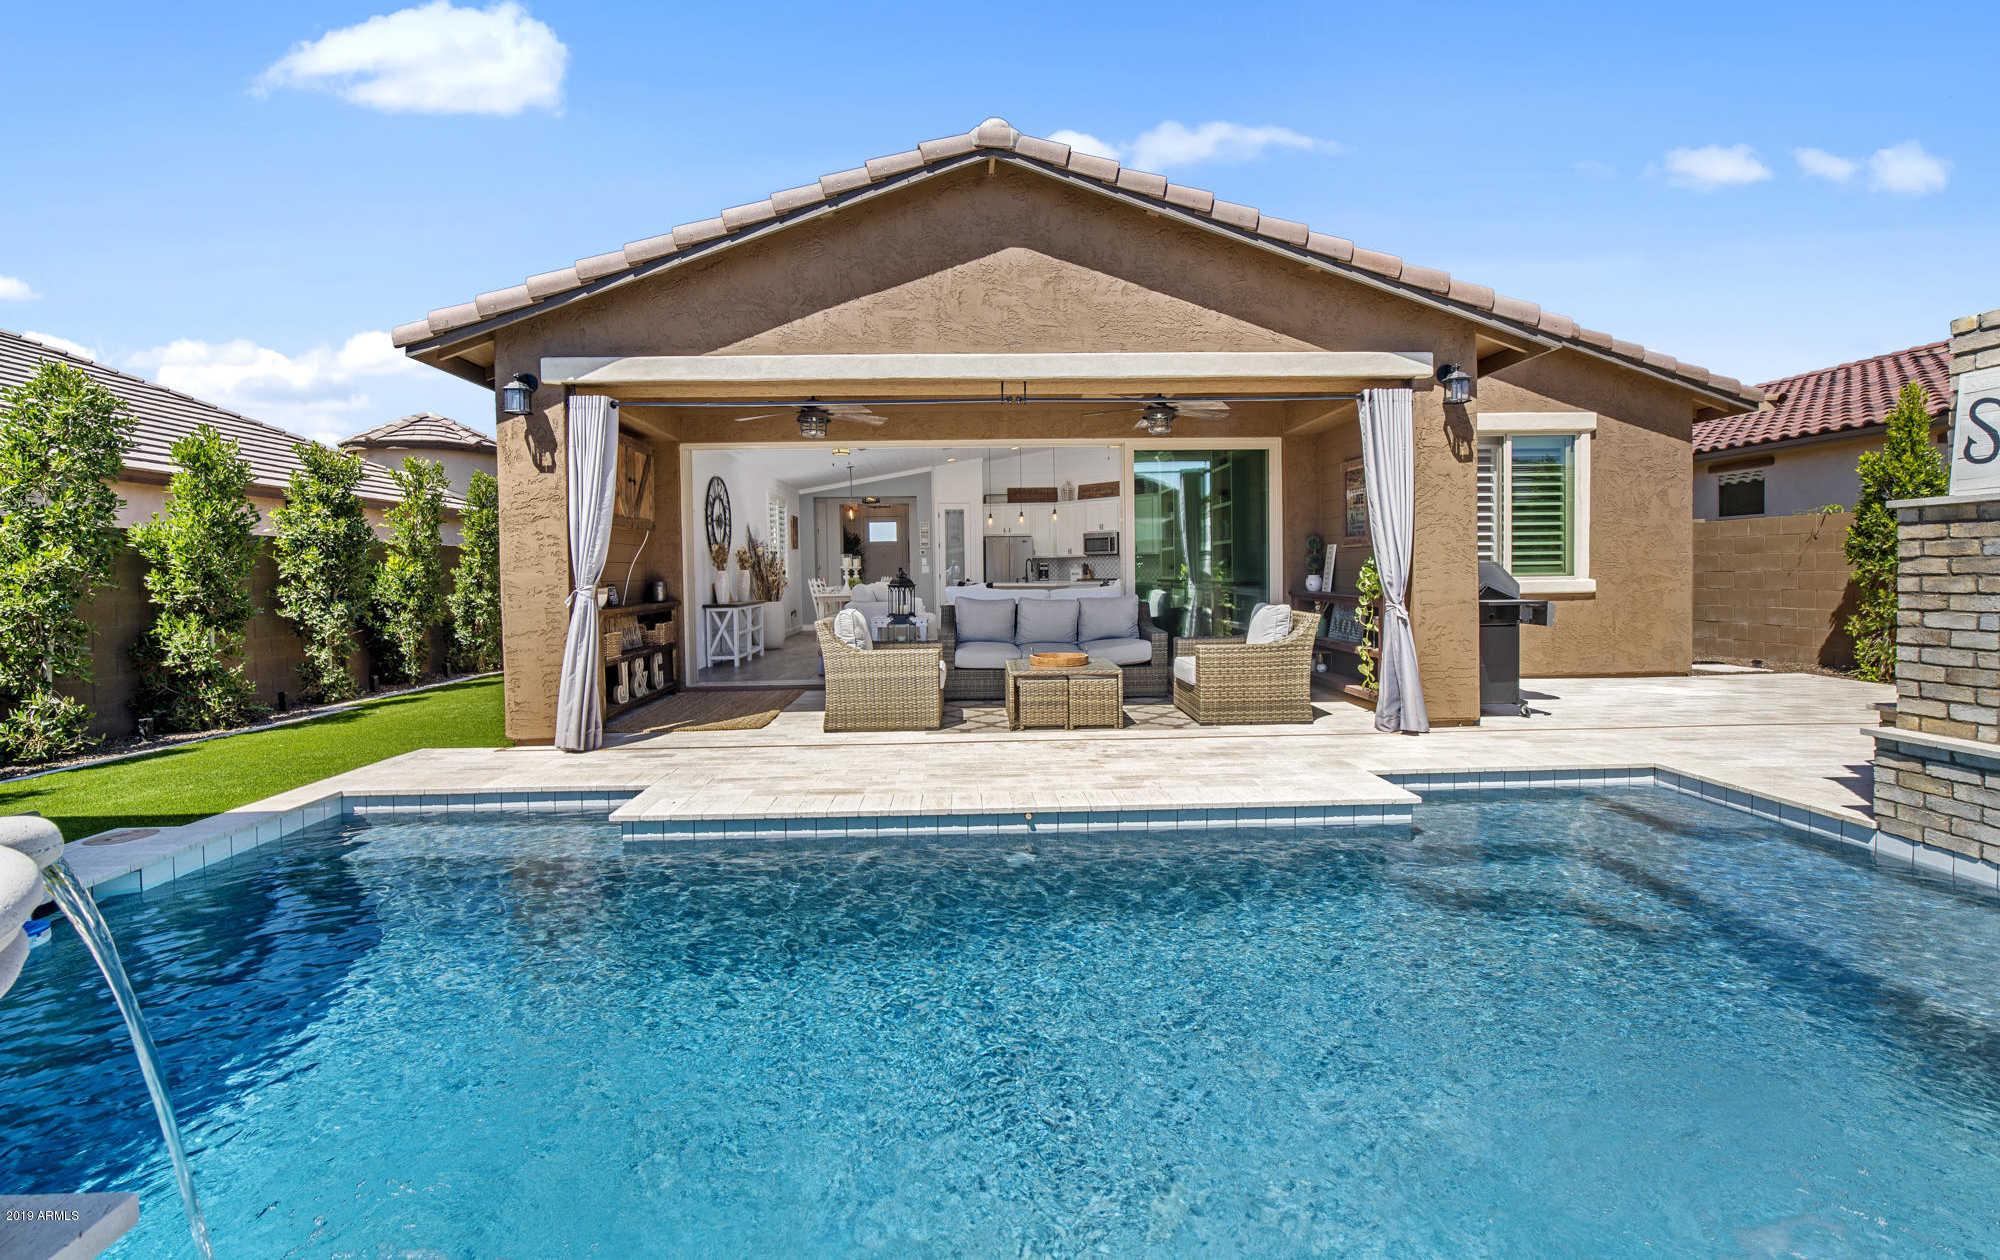 $500,000 - 3Br/2Ba - Home for Sale in Eastmark Dev Unit 7 North Parcels 7-6 Thru 7-12, Mesa